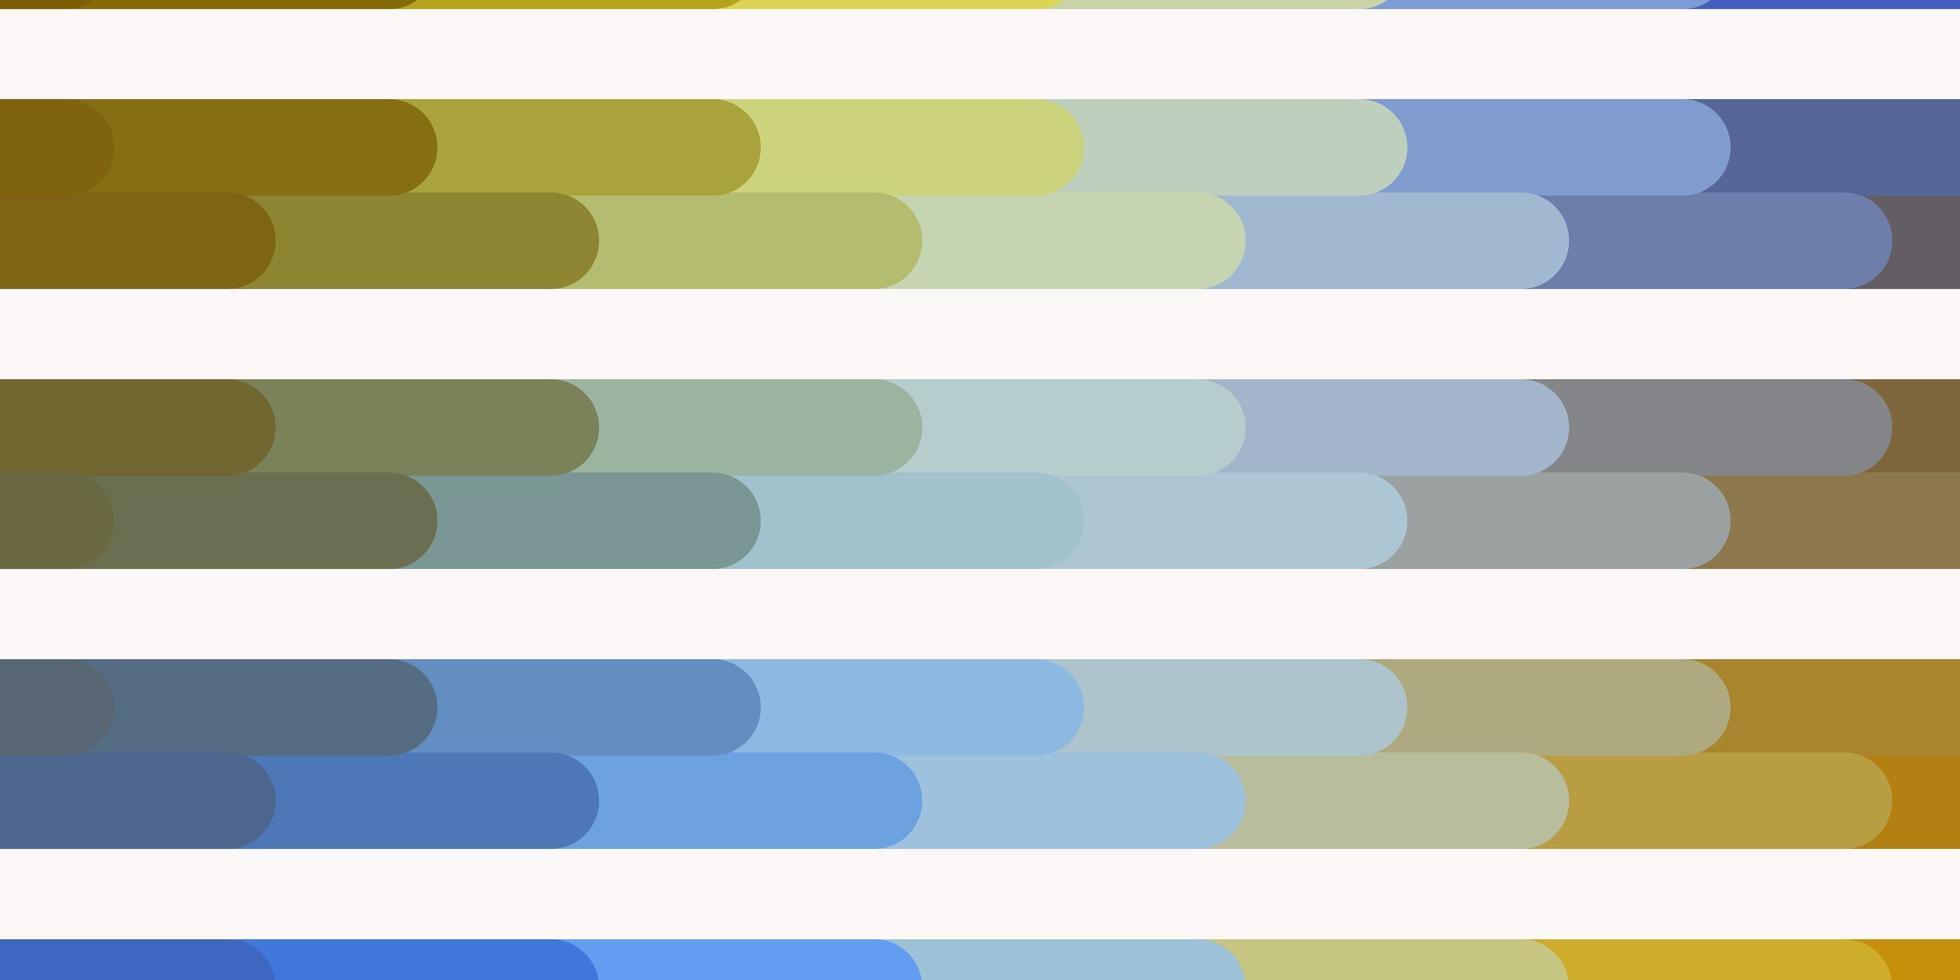 patrón de vector azul claro, amarillo con líneas.